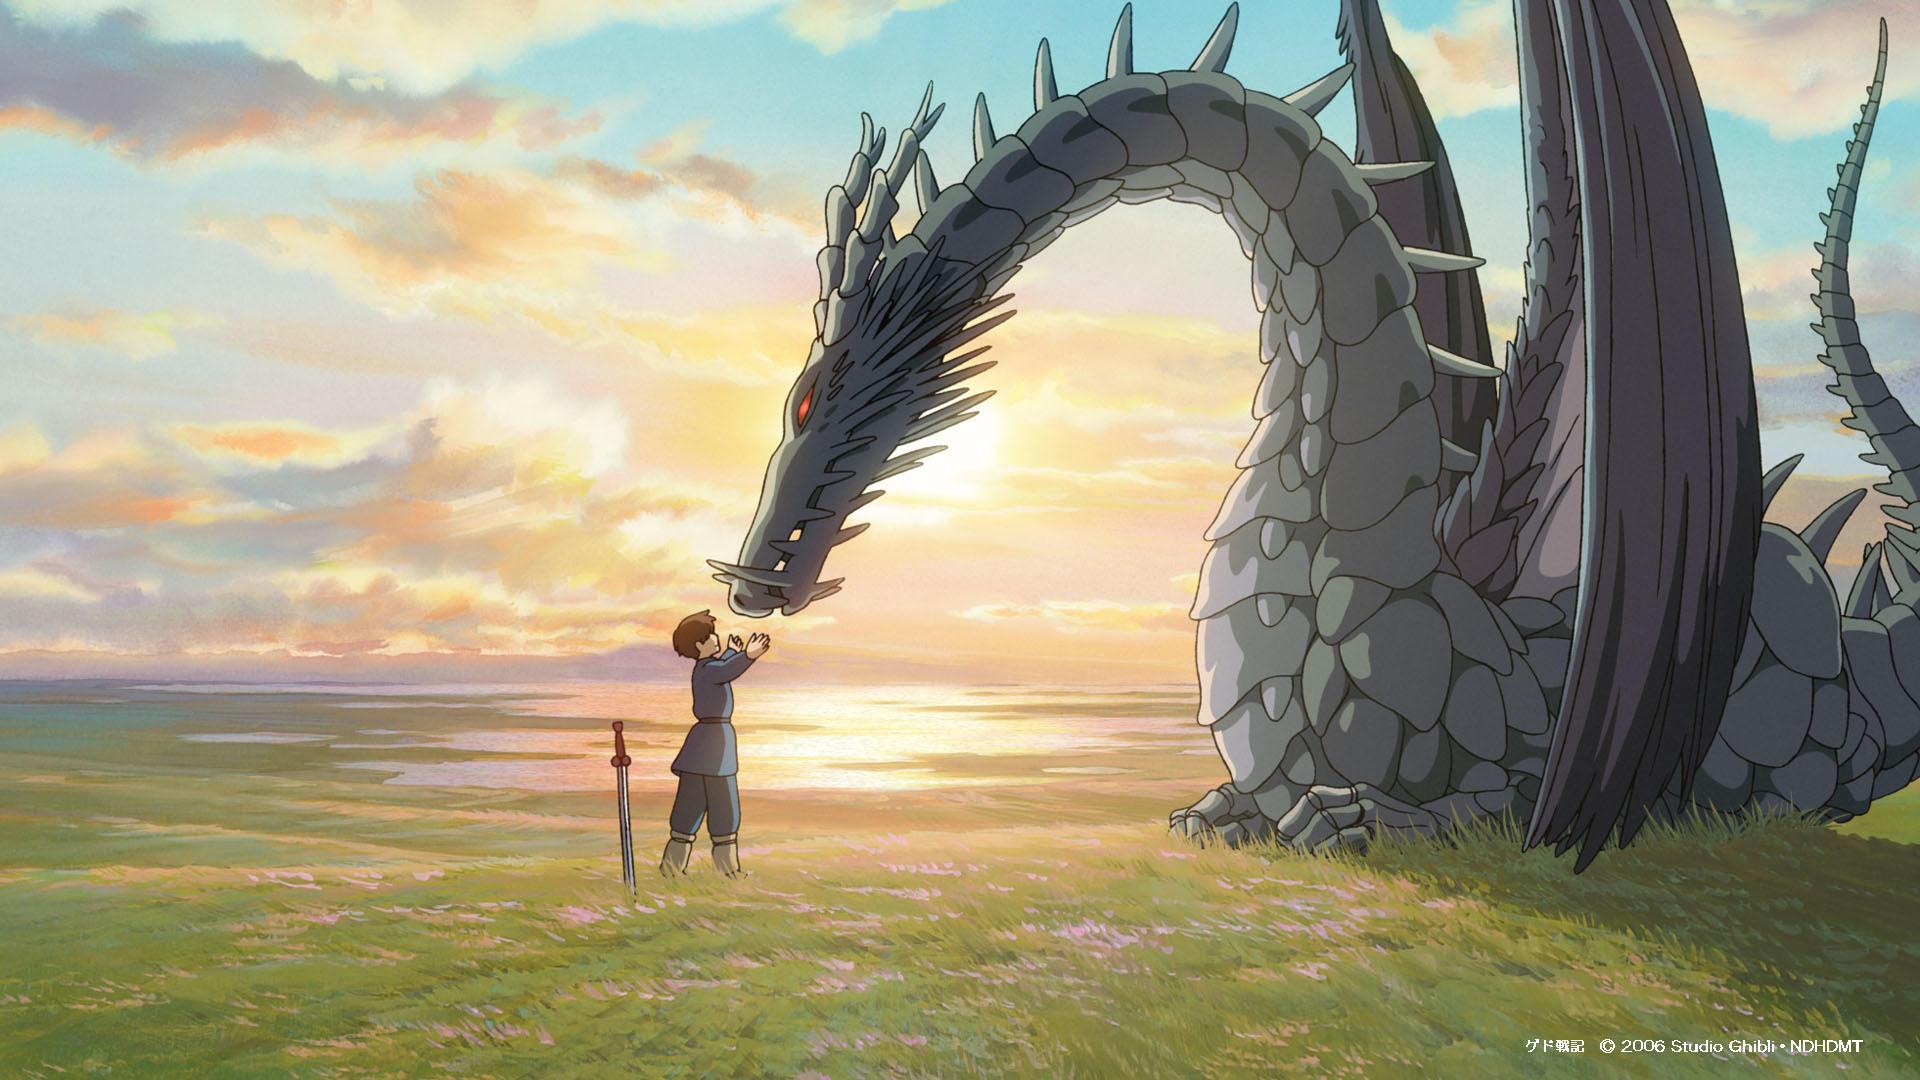 Fondos de pantalla del Studio Ghibli para la fiesta virtual